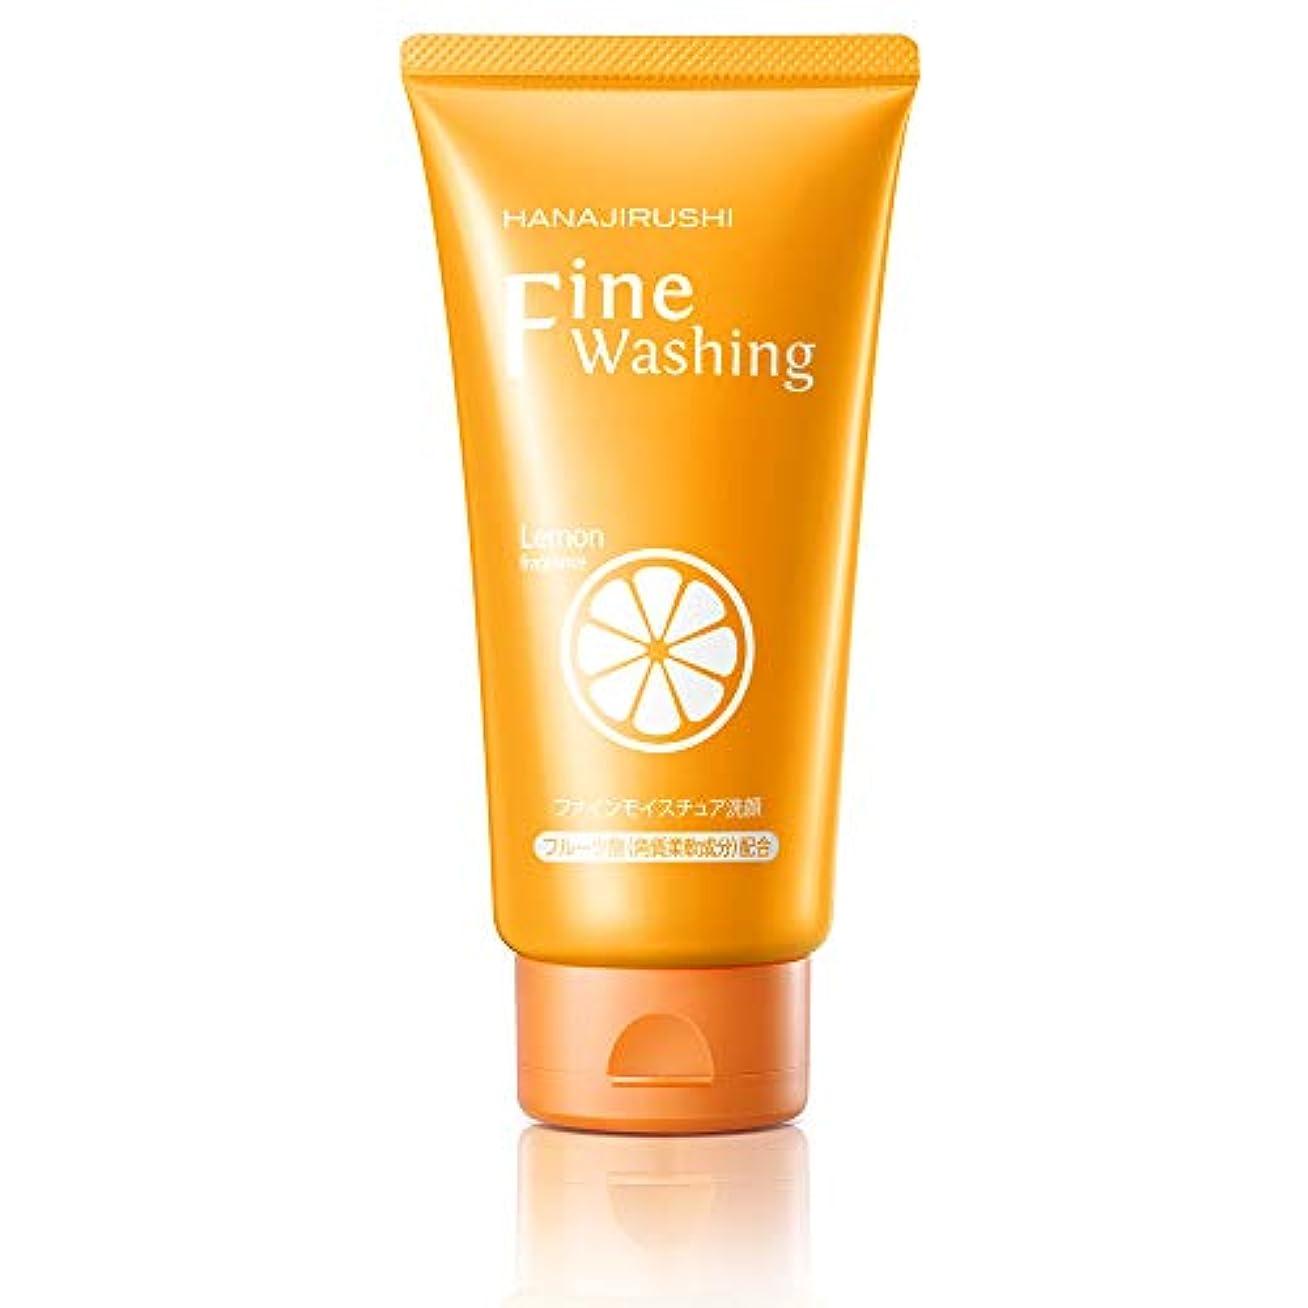 事前デコラティブ外部花印 ビタミンC誘導体配合 ホワイト洗顔フォーム120g シミ?くすみ対策